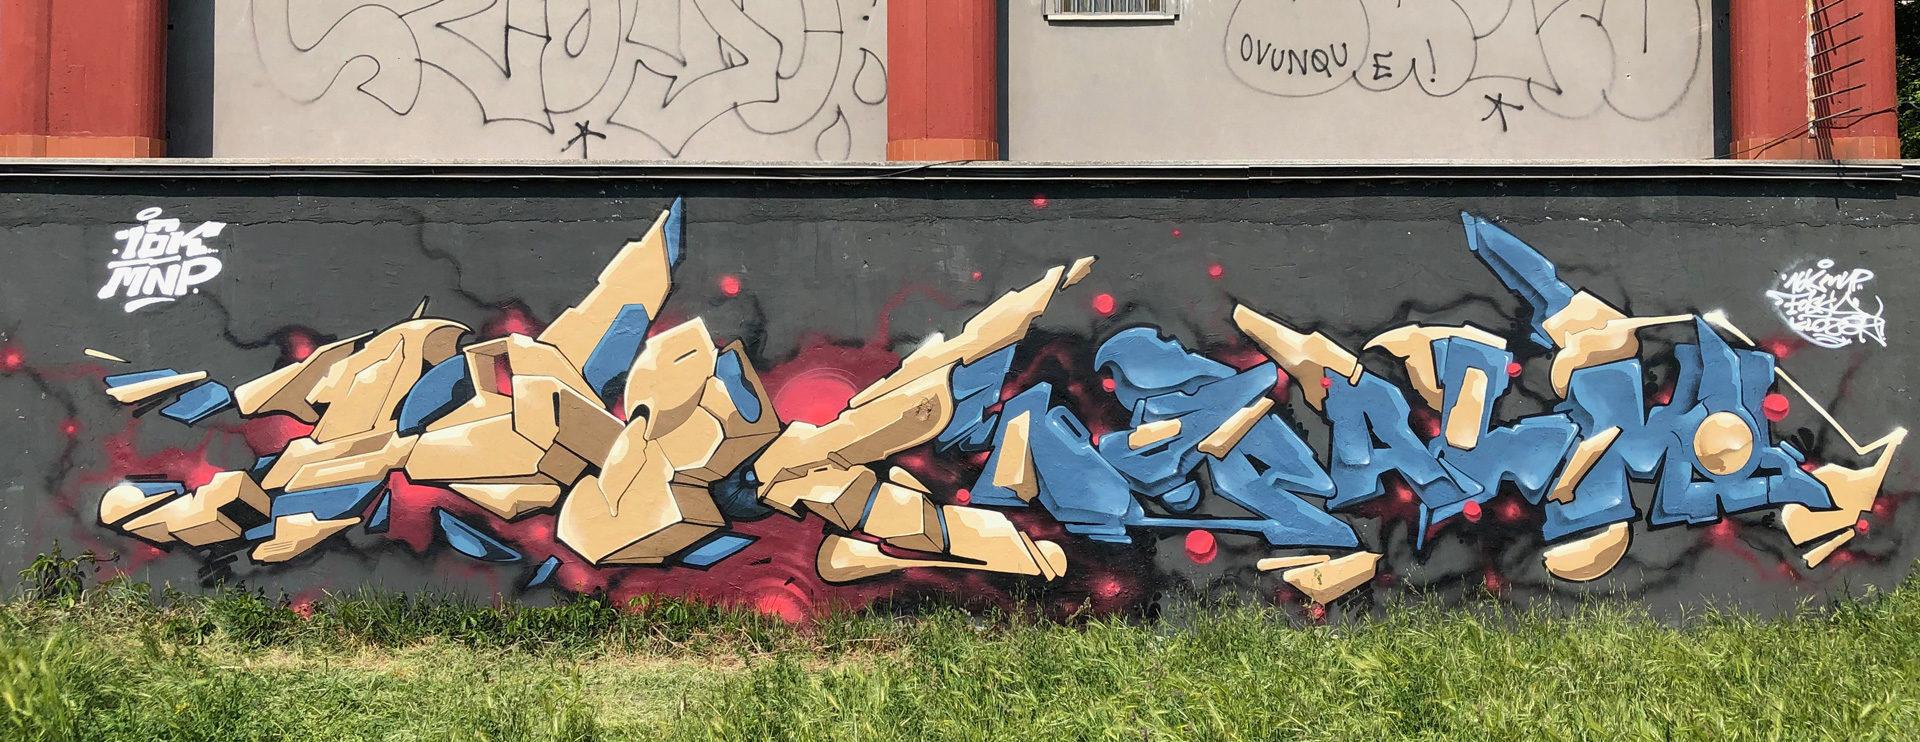 16K by Fosk + MNP by Klose